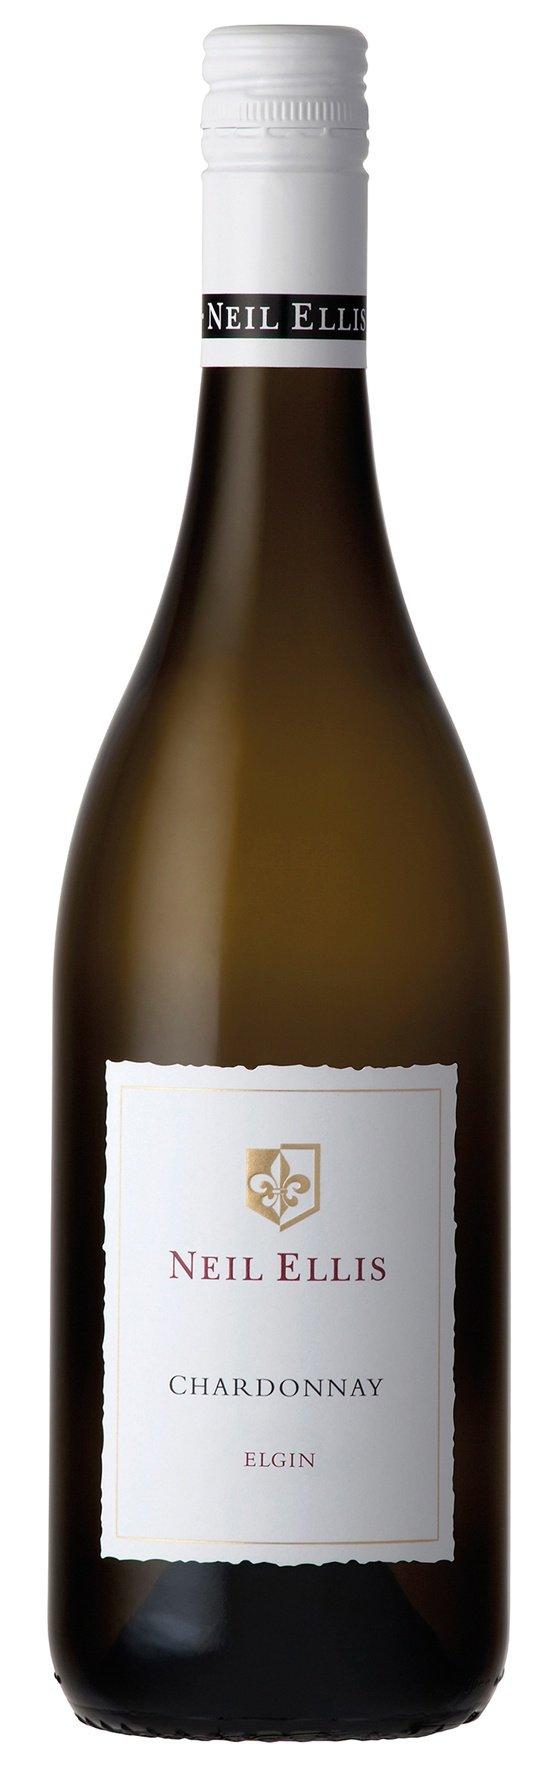 6x-075l-2015er-Neil-Ellis-Chardonnay-Elgin-WO-Sdafrika-Weiwein-trocken